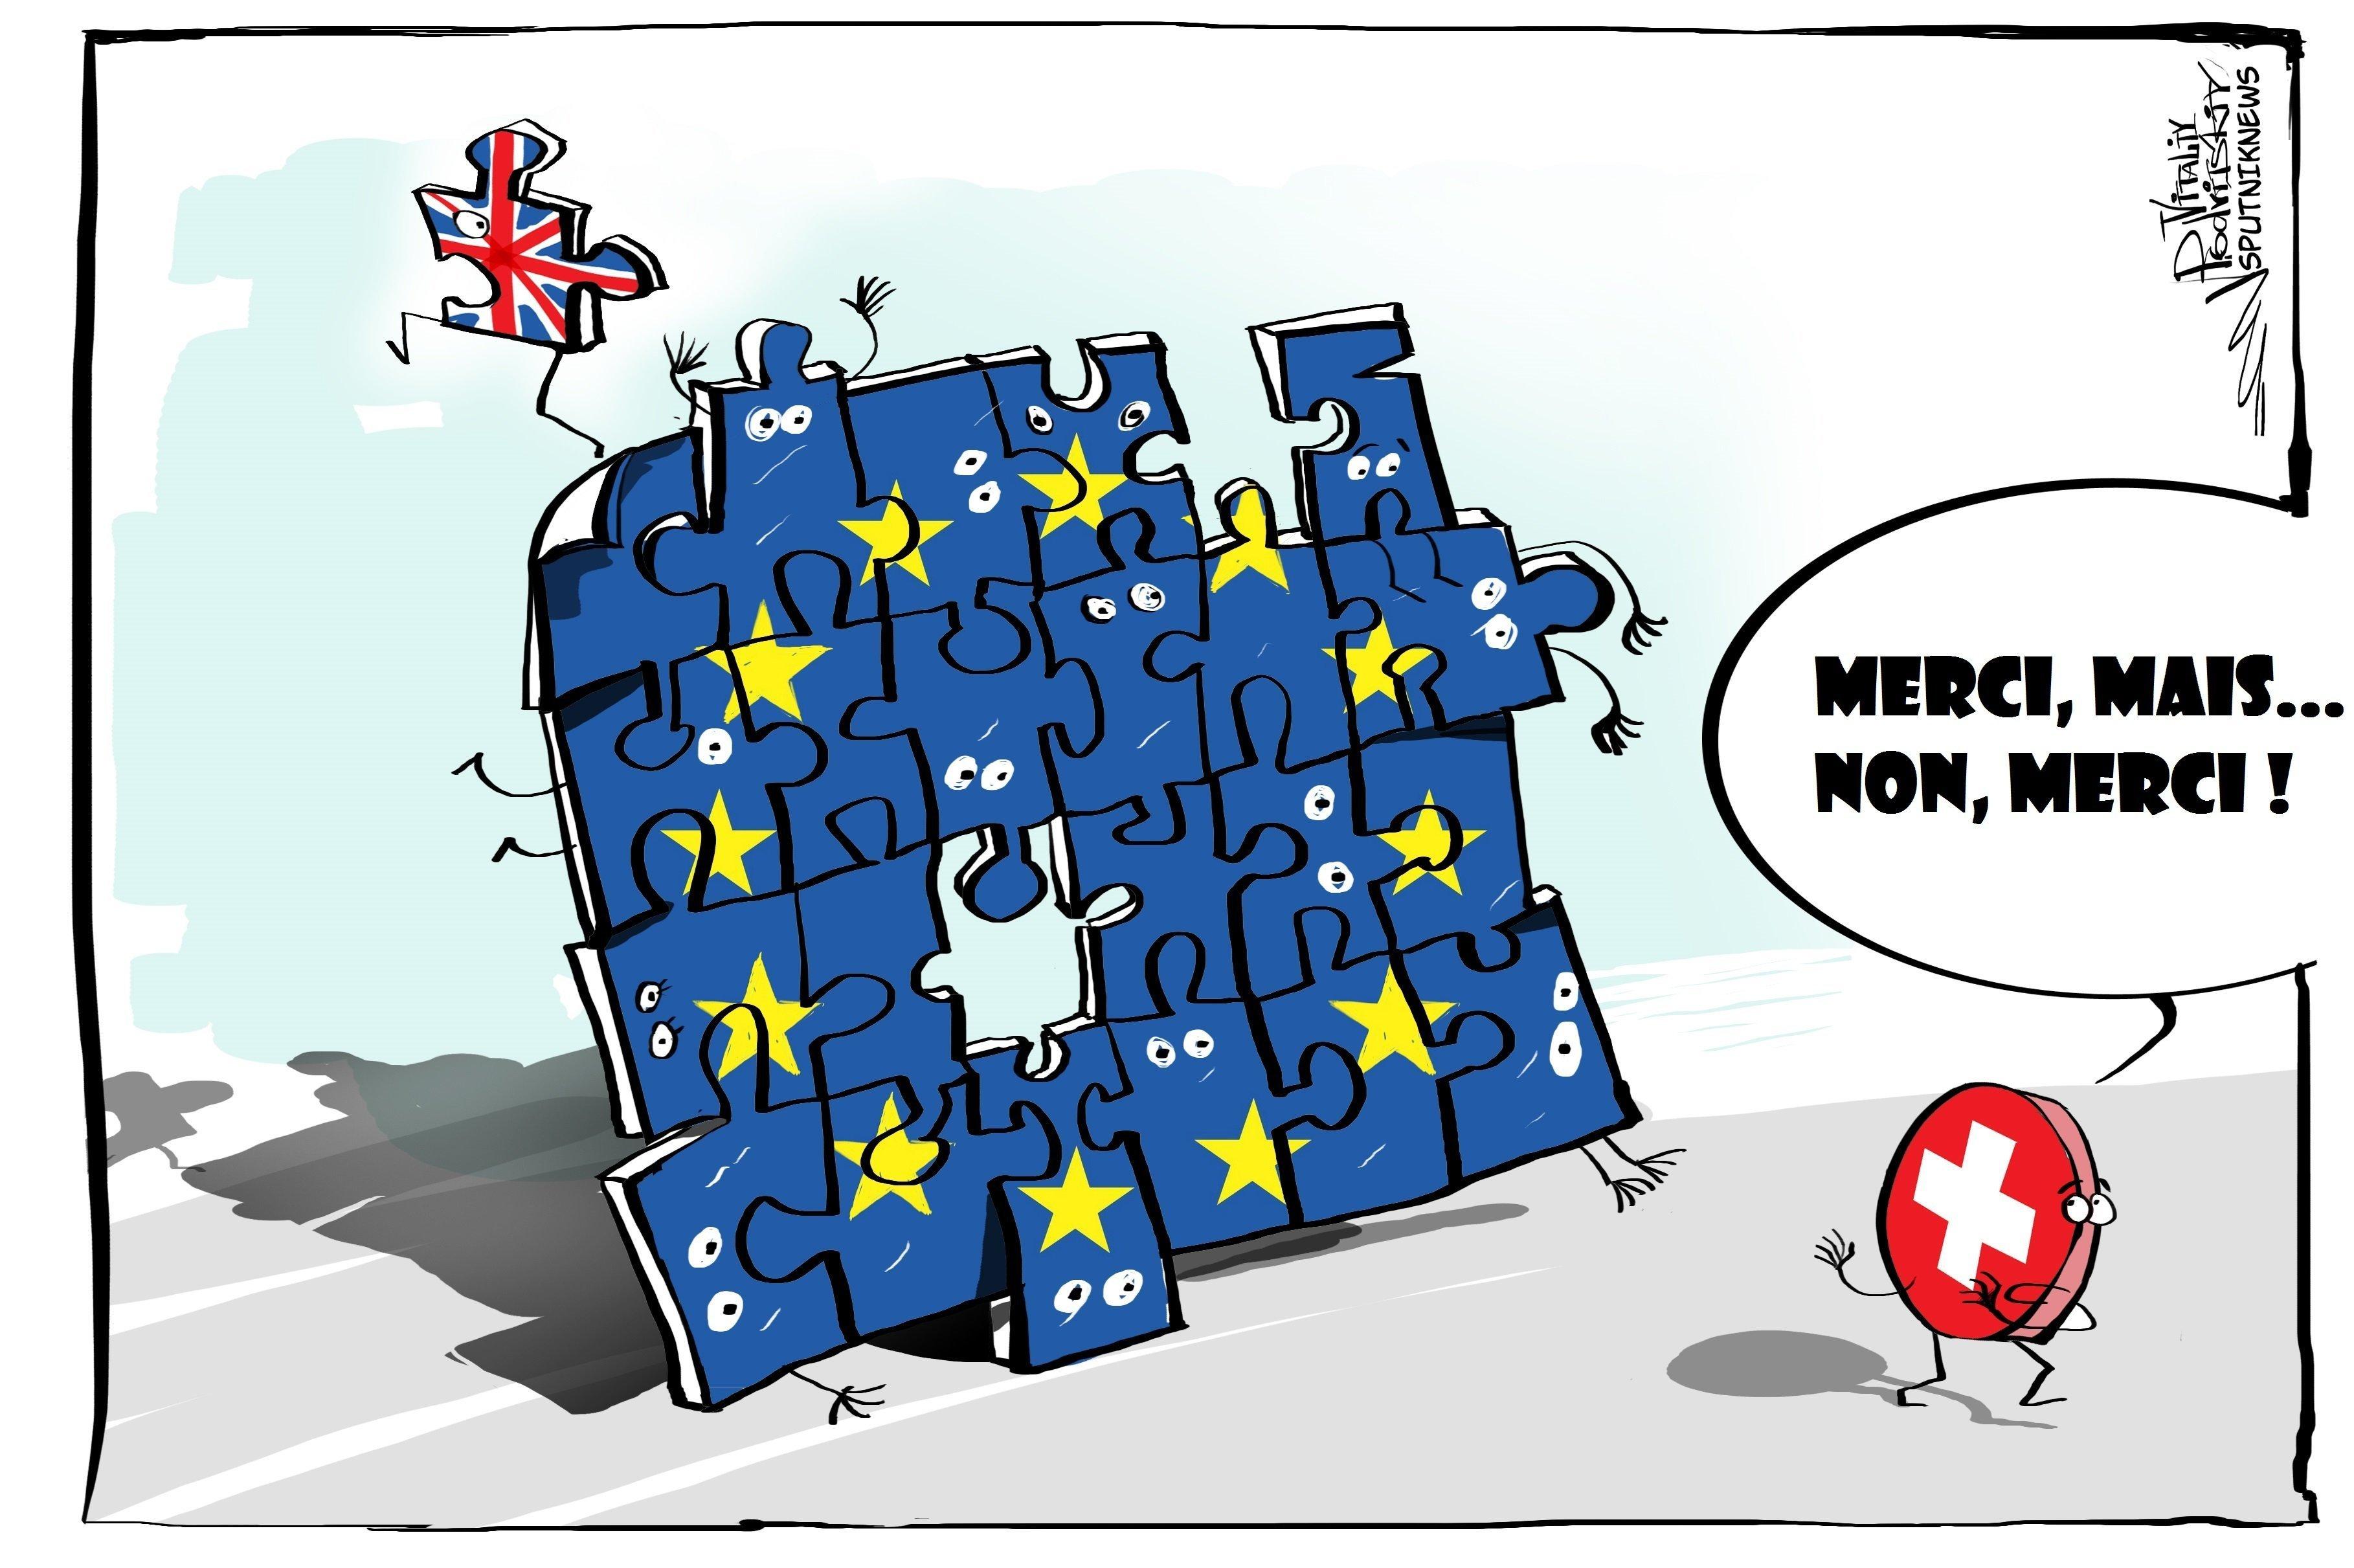 La Suisse enterre l'idée d'adhésion à l'UE